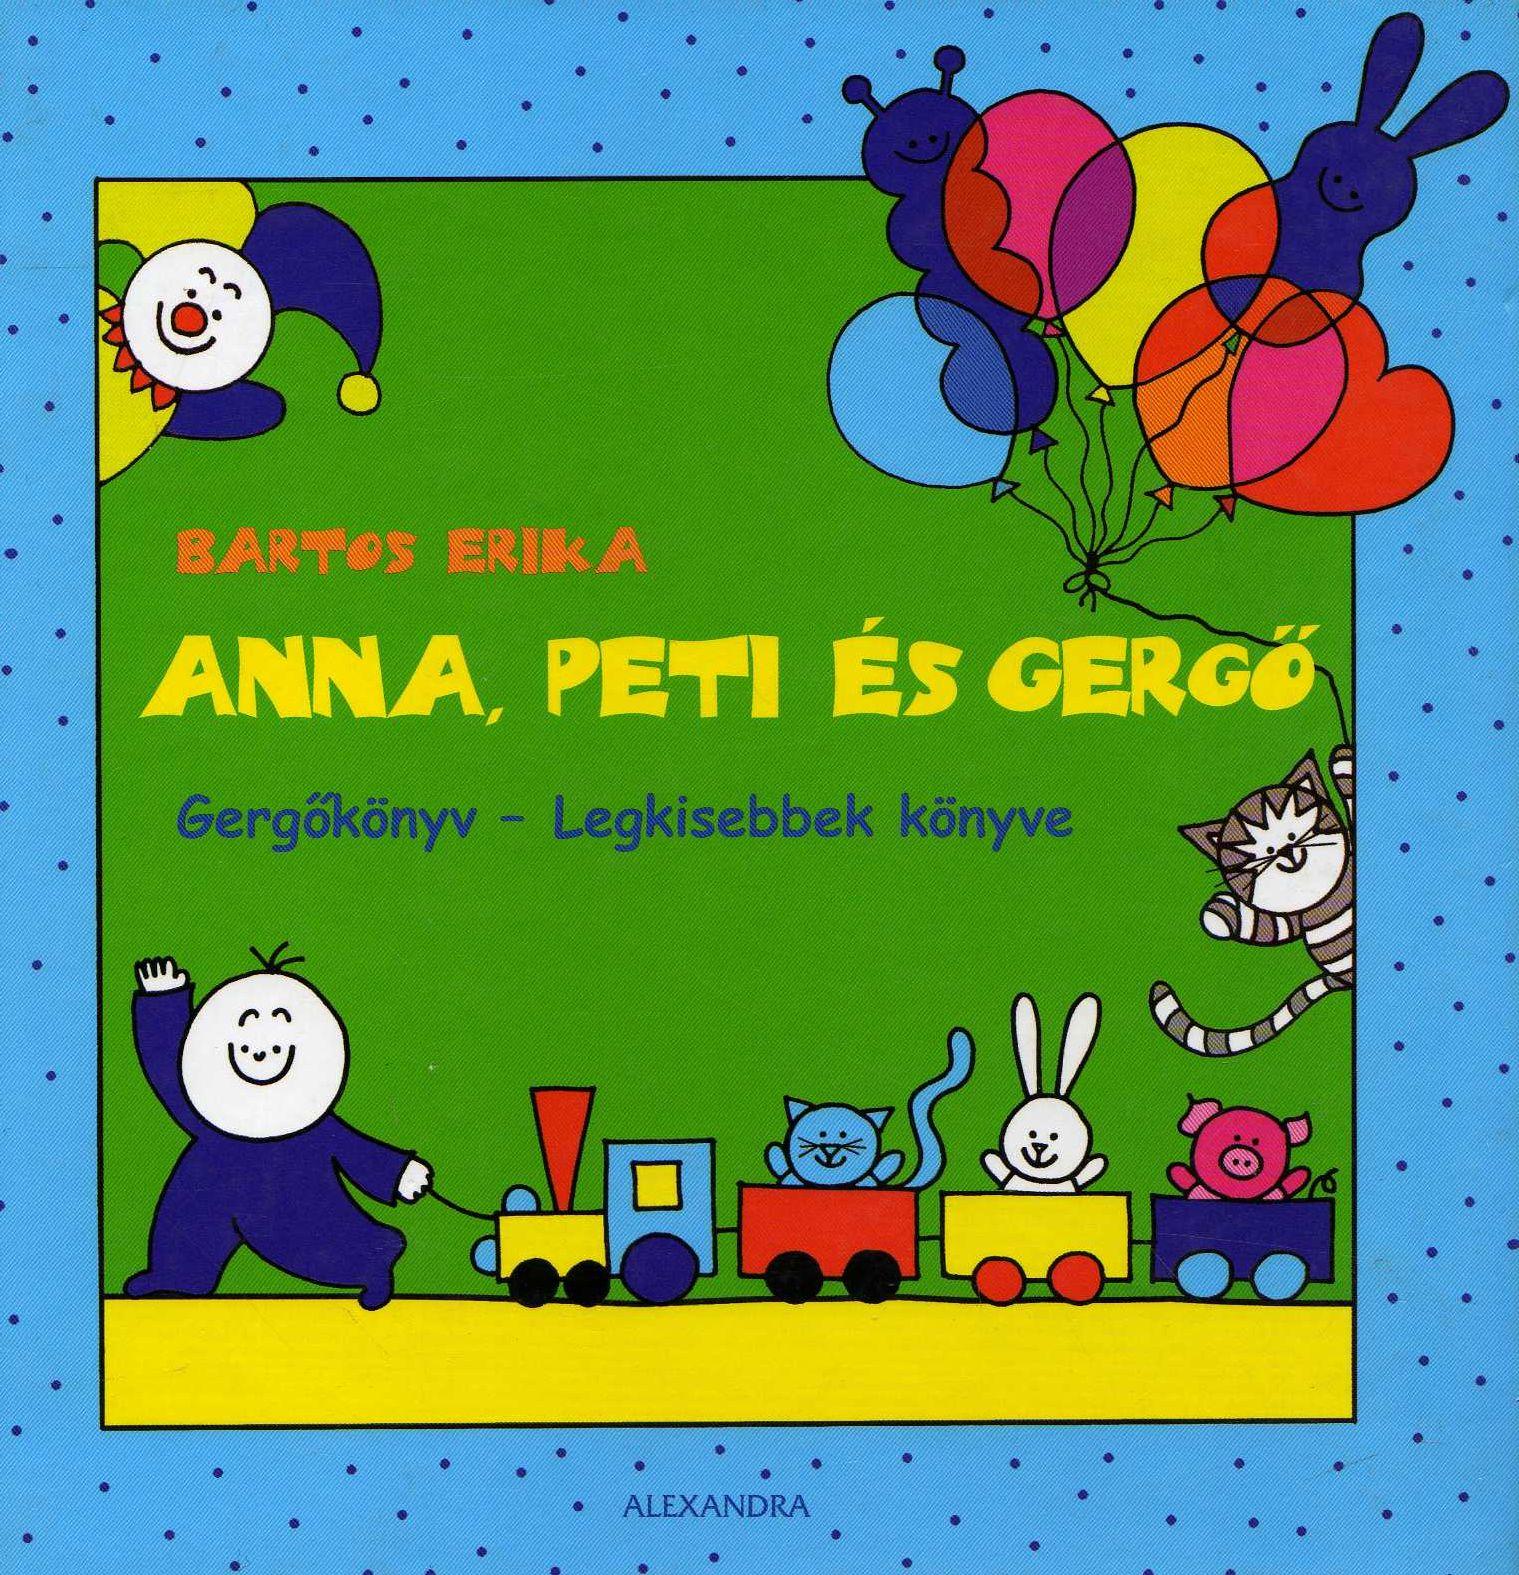 f219f2141 Ha ismered Anna, Peti és Gergő történeteit, akkor biztosan kíváncsian  várod, miről szól a Gergőkönyv! Ebben a könyvben sok mesét olvashatsz  Gergőkéről, ...